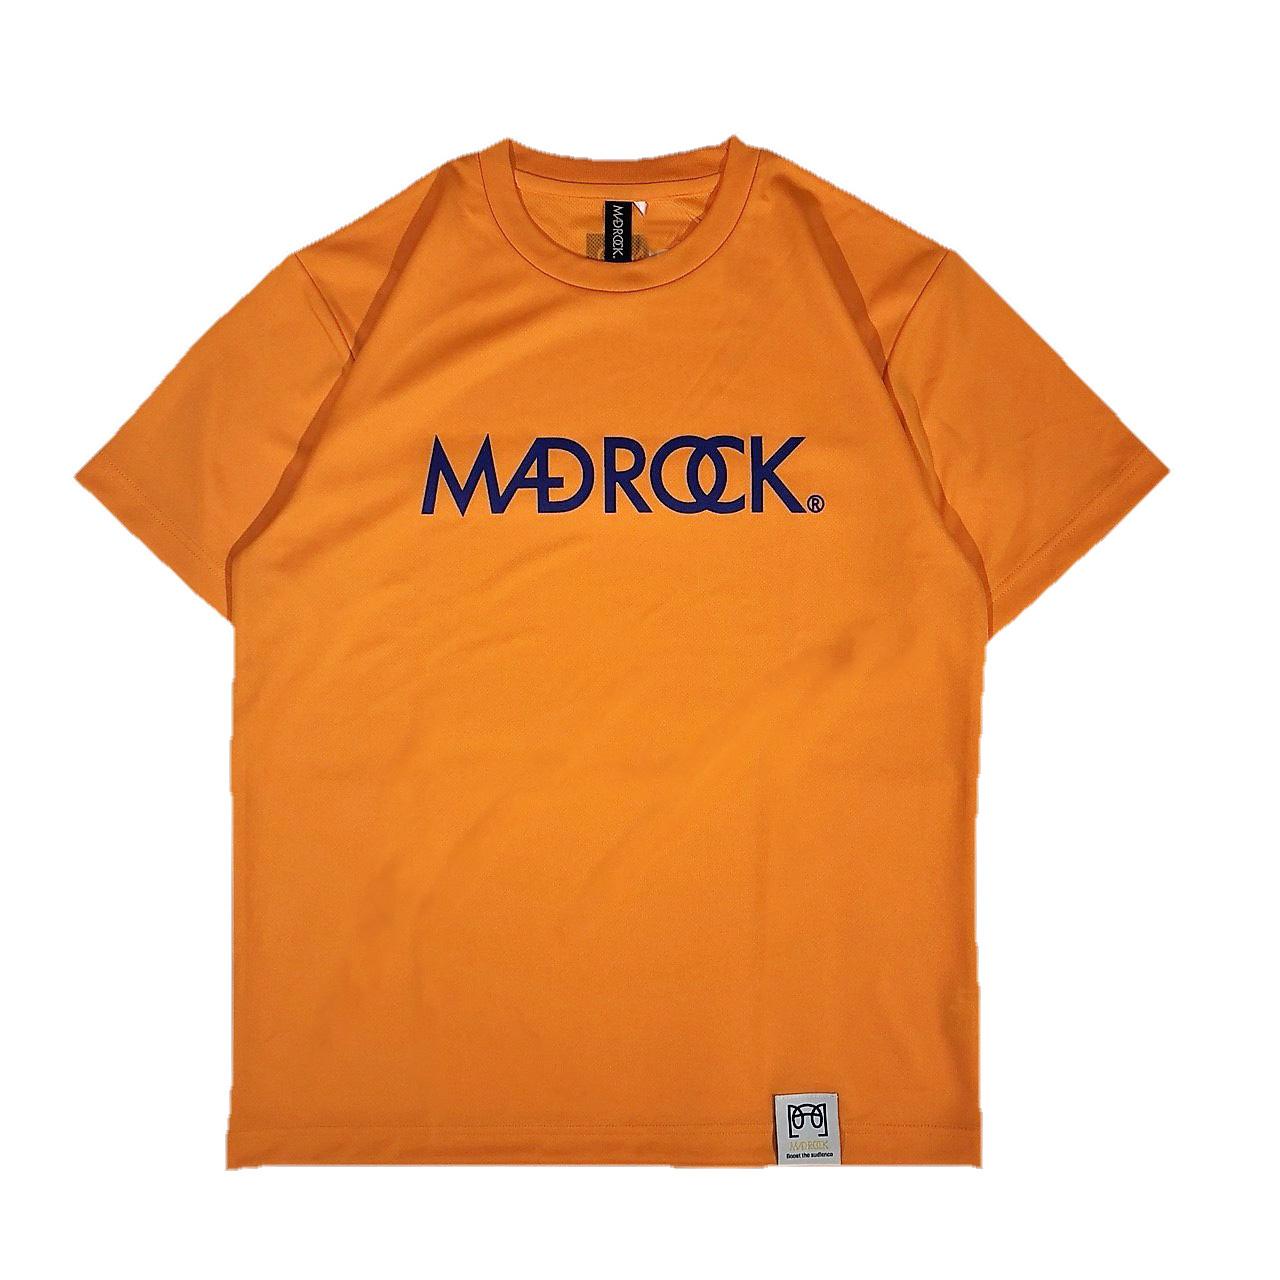 マッドロックロゴ Tシャツ/ドライタイプ/オレンジ&ブルー